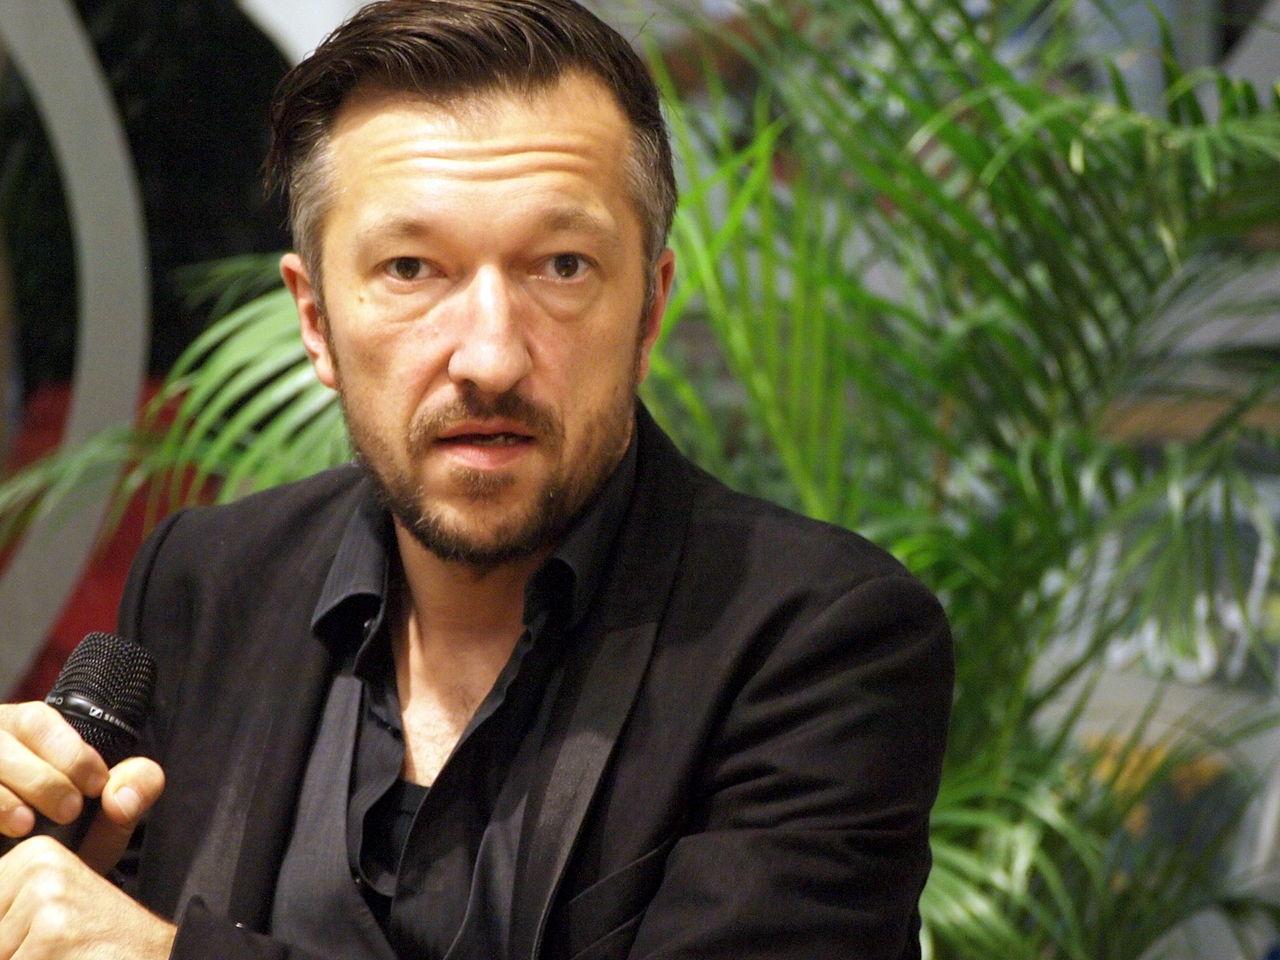 Georg Büchner-Preis 2019 - Lukas Bärfuss